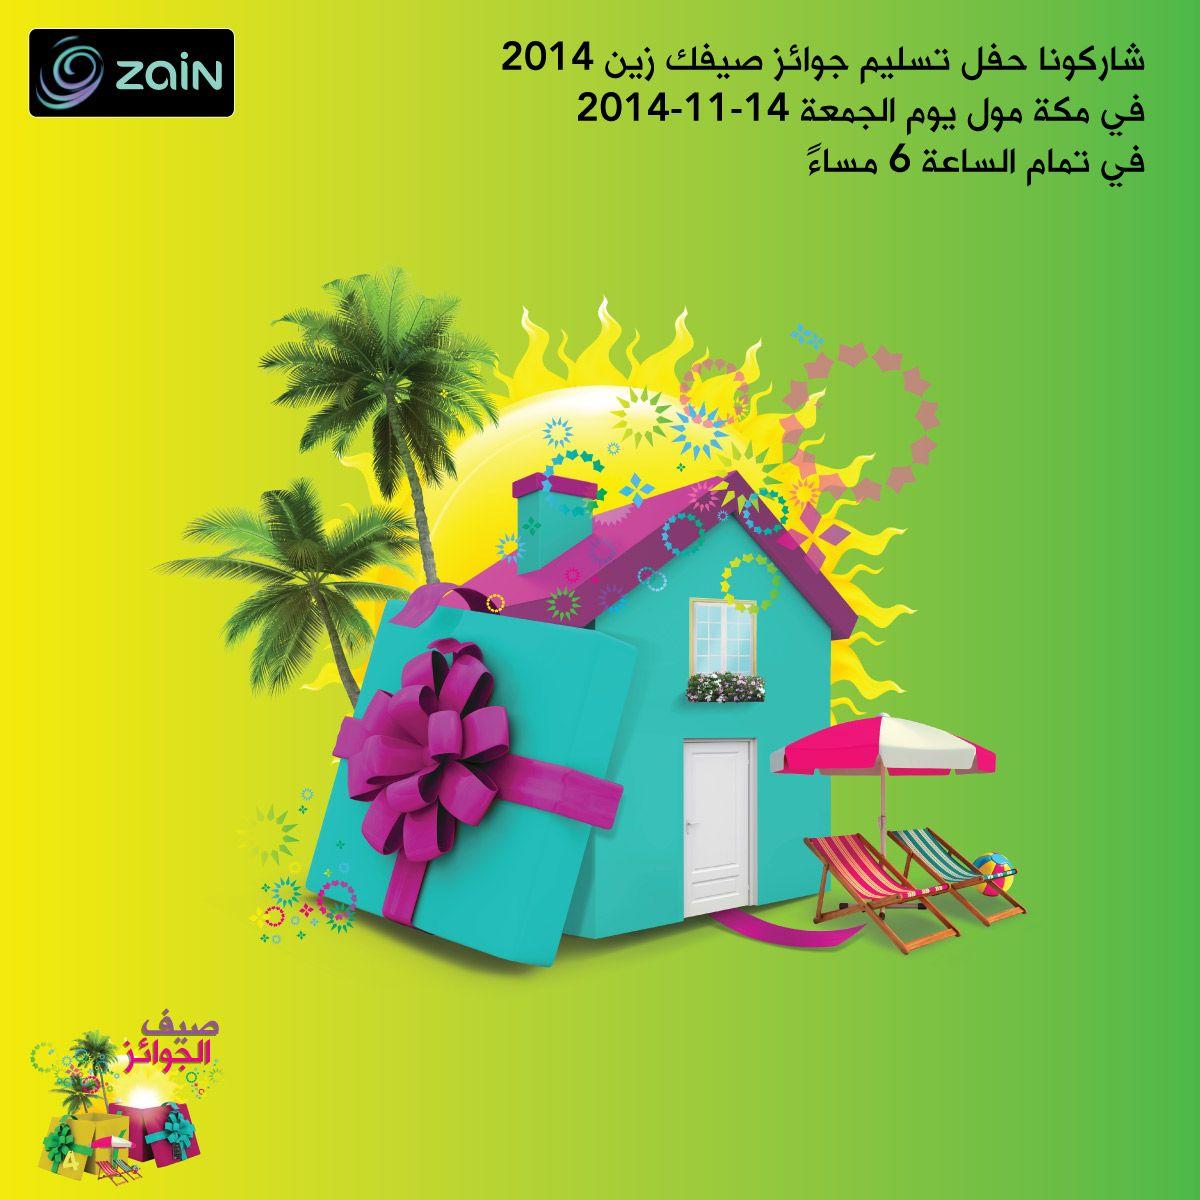 شاركونا غدا حفل تسليم جوائز مسابقة صيفك زين في مكة مول الساعة ٦ مساء Movie Posters Poster Asa